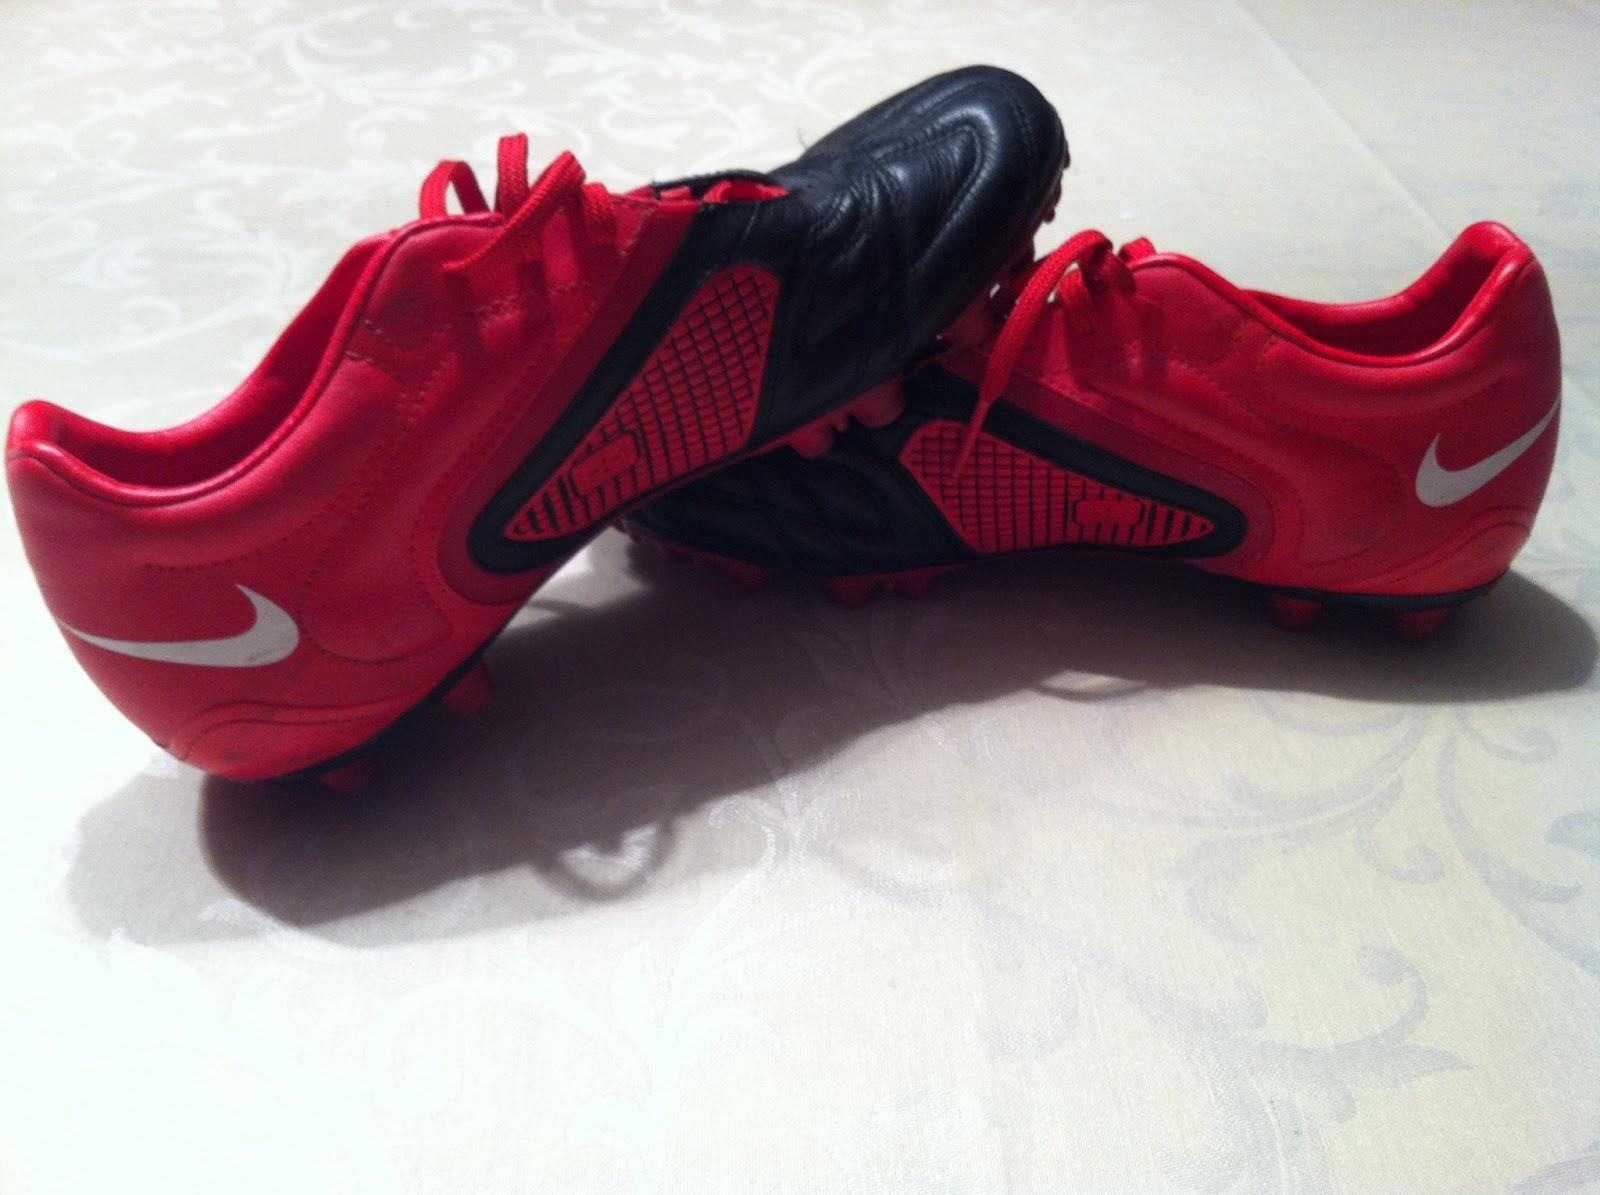 el mejor mejor proveedor especial para zapato nike ctr rojas